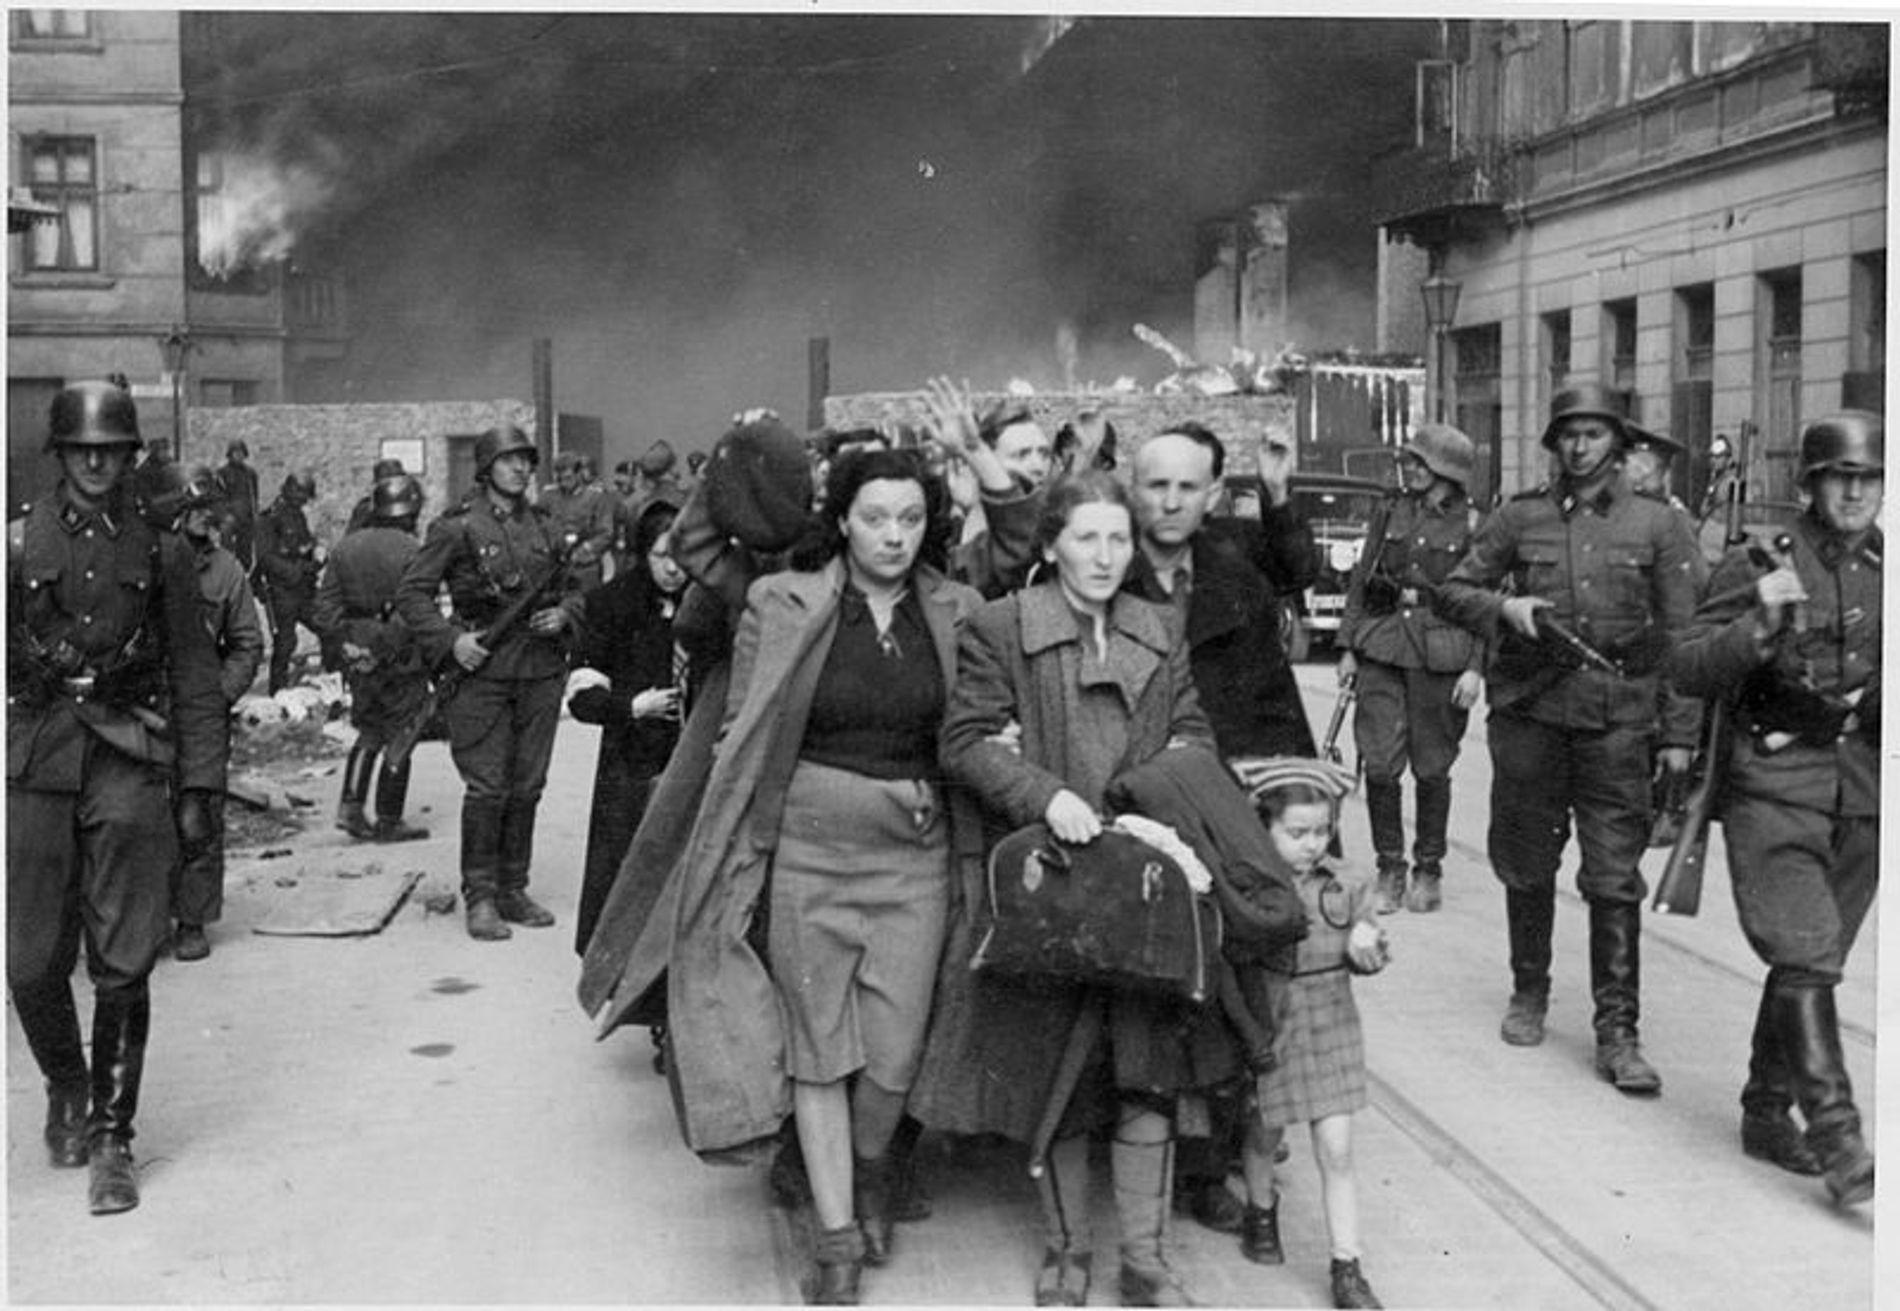 Imagen de la supresión del alzamiento en el gueto de Varsovia que muestra a soldados de las Waffen SS agrupando a los judíos para su deportación.